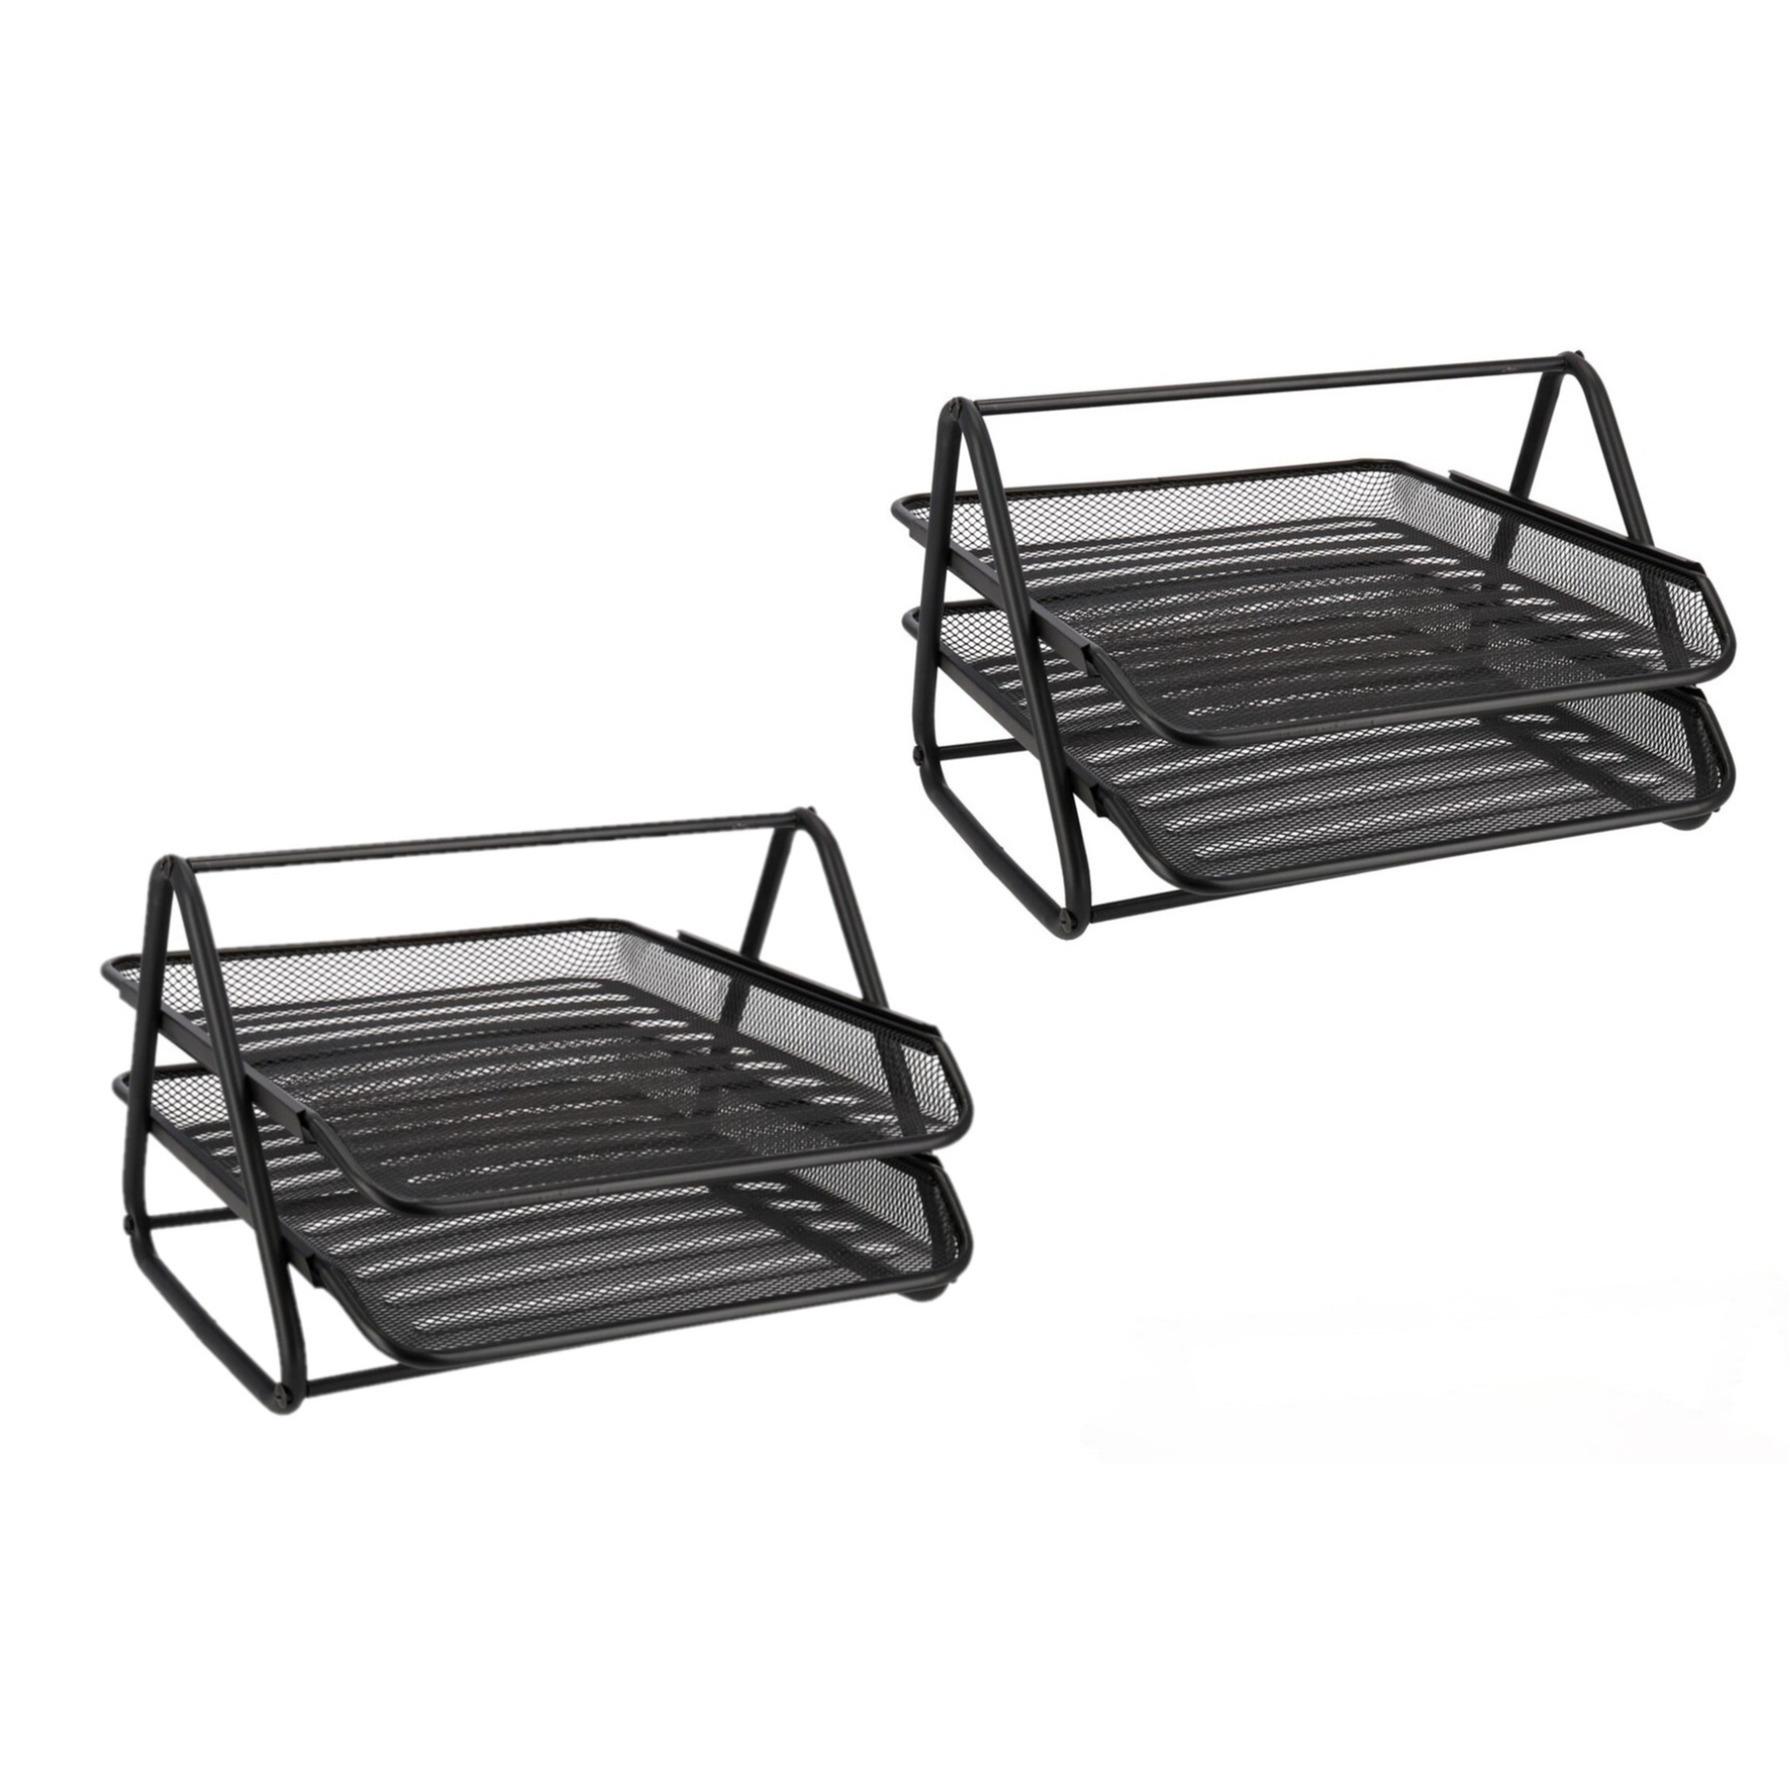 Set van 2x stuks postbakjeken postbakken sorteerrek van draadmetaal zwart 34 x 29 cm